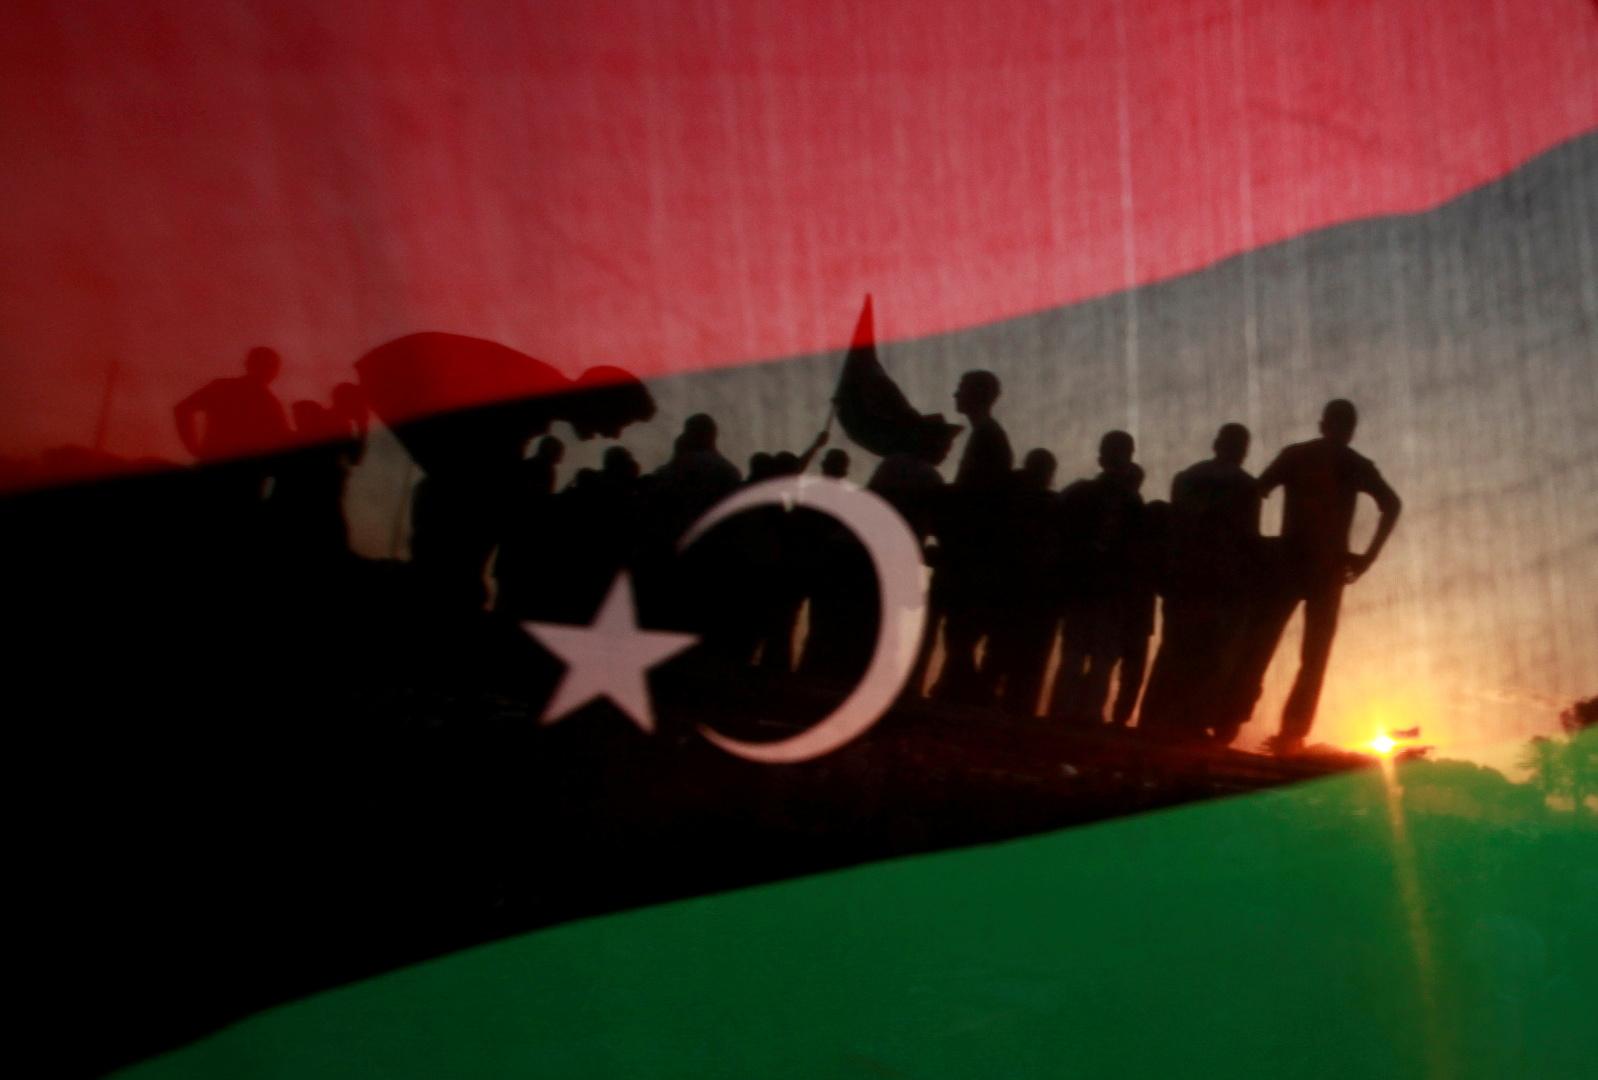 ليبيا.. حكومة الوحدة الوطنية تعلق على تأجيل جلسة مساءلة الحكومة